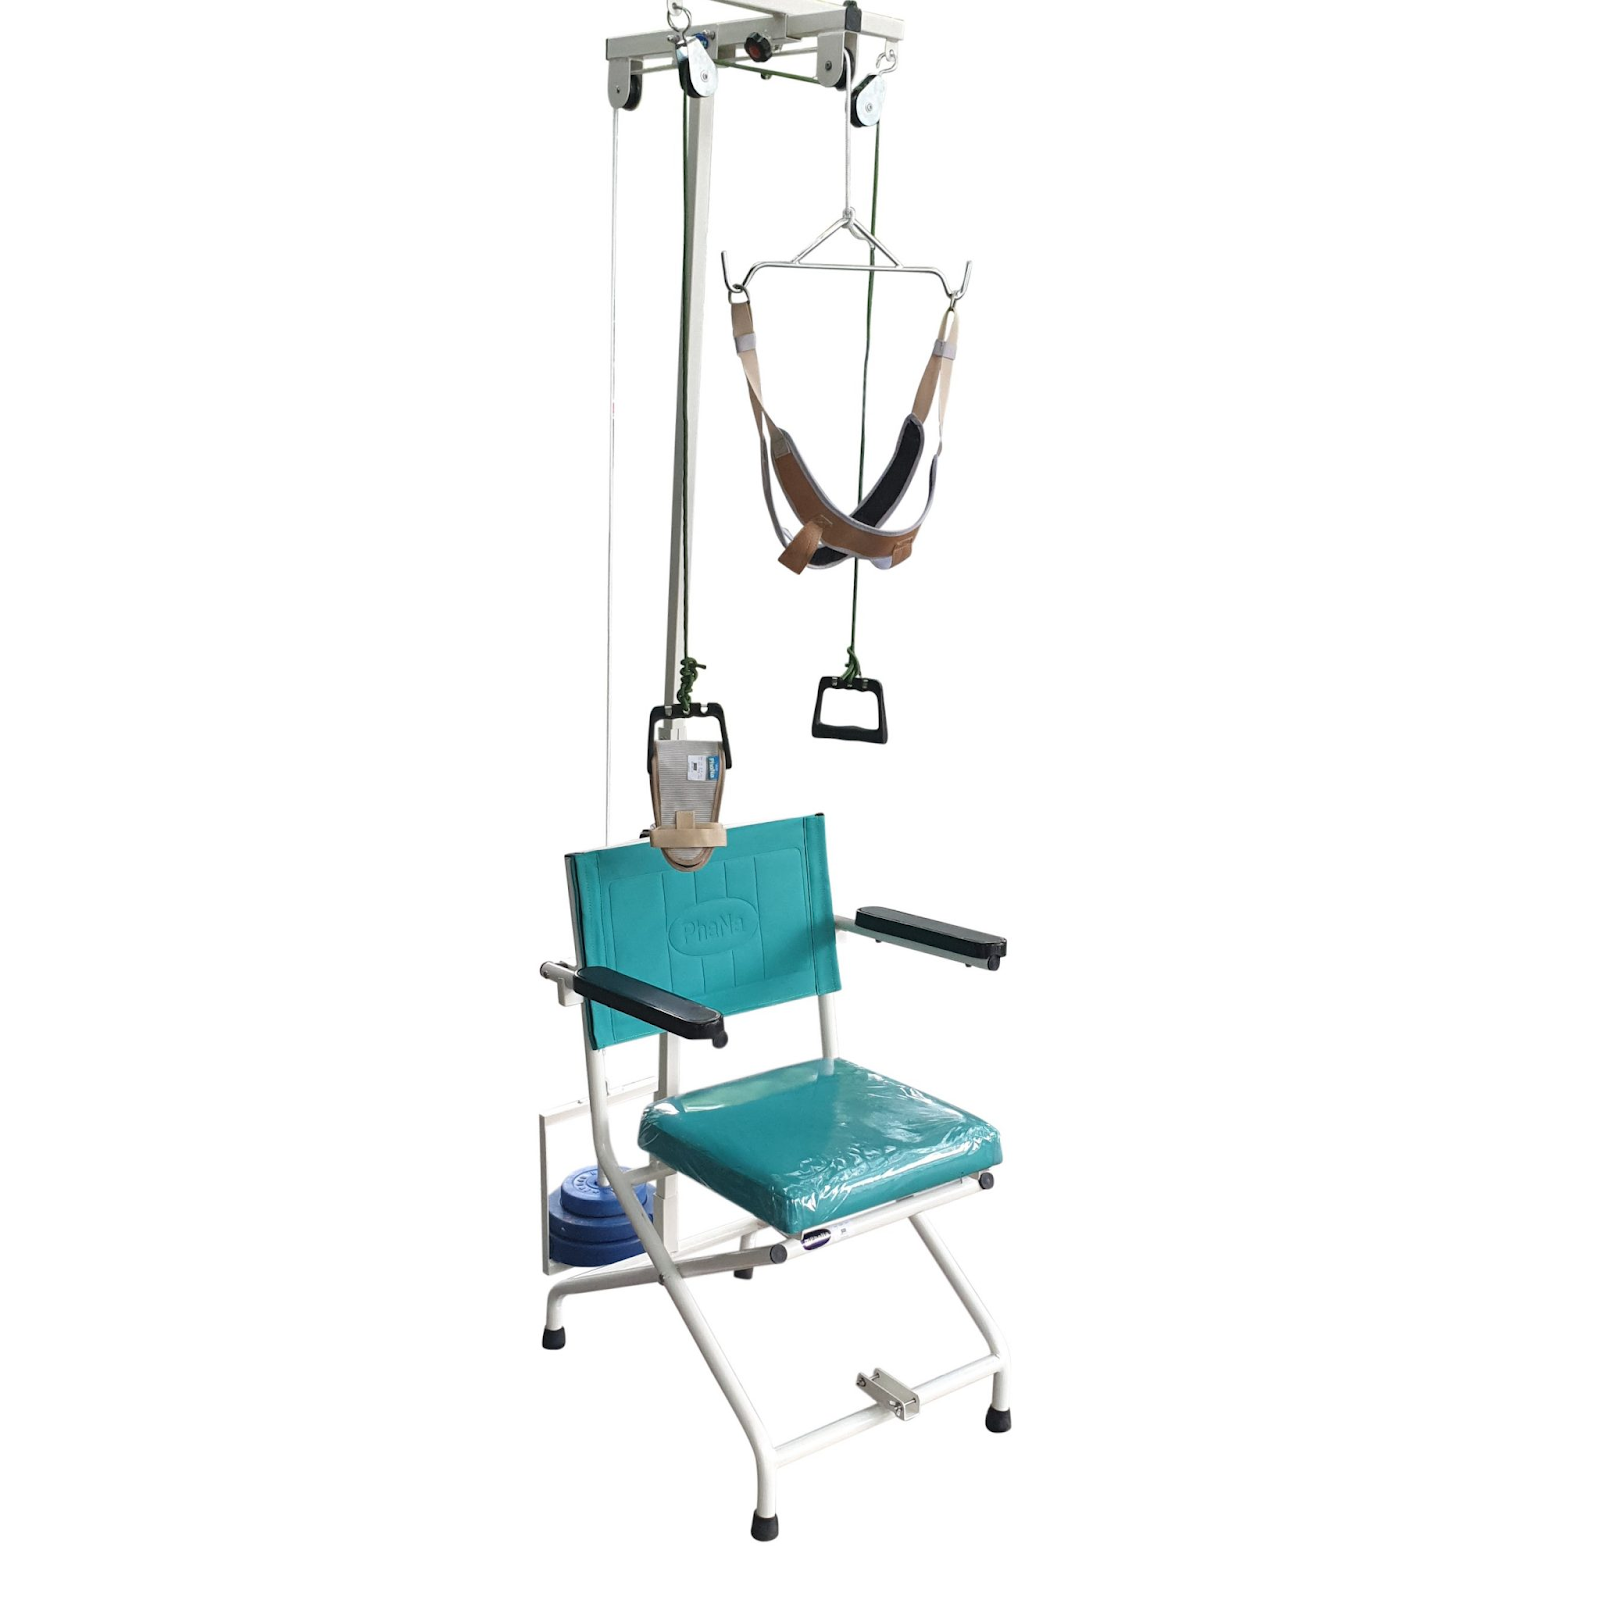 ghế kéo cổ - ghế trị liệu suy giãn tĩnh mạch kéo cổ